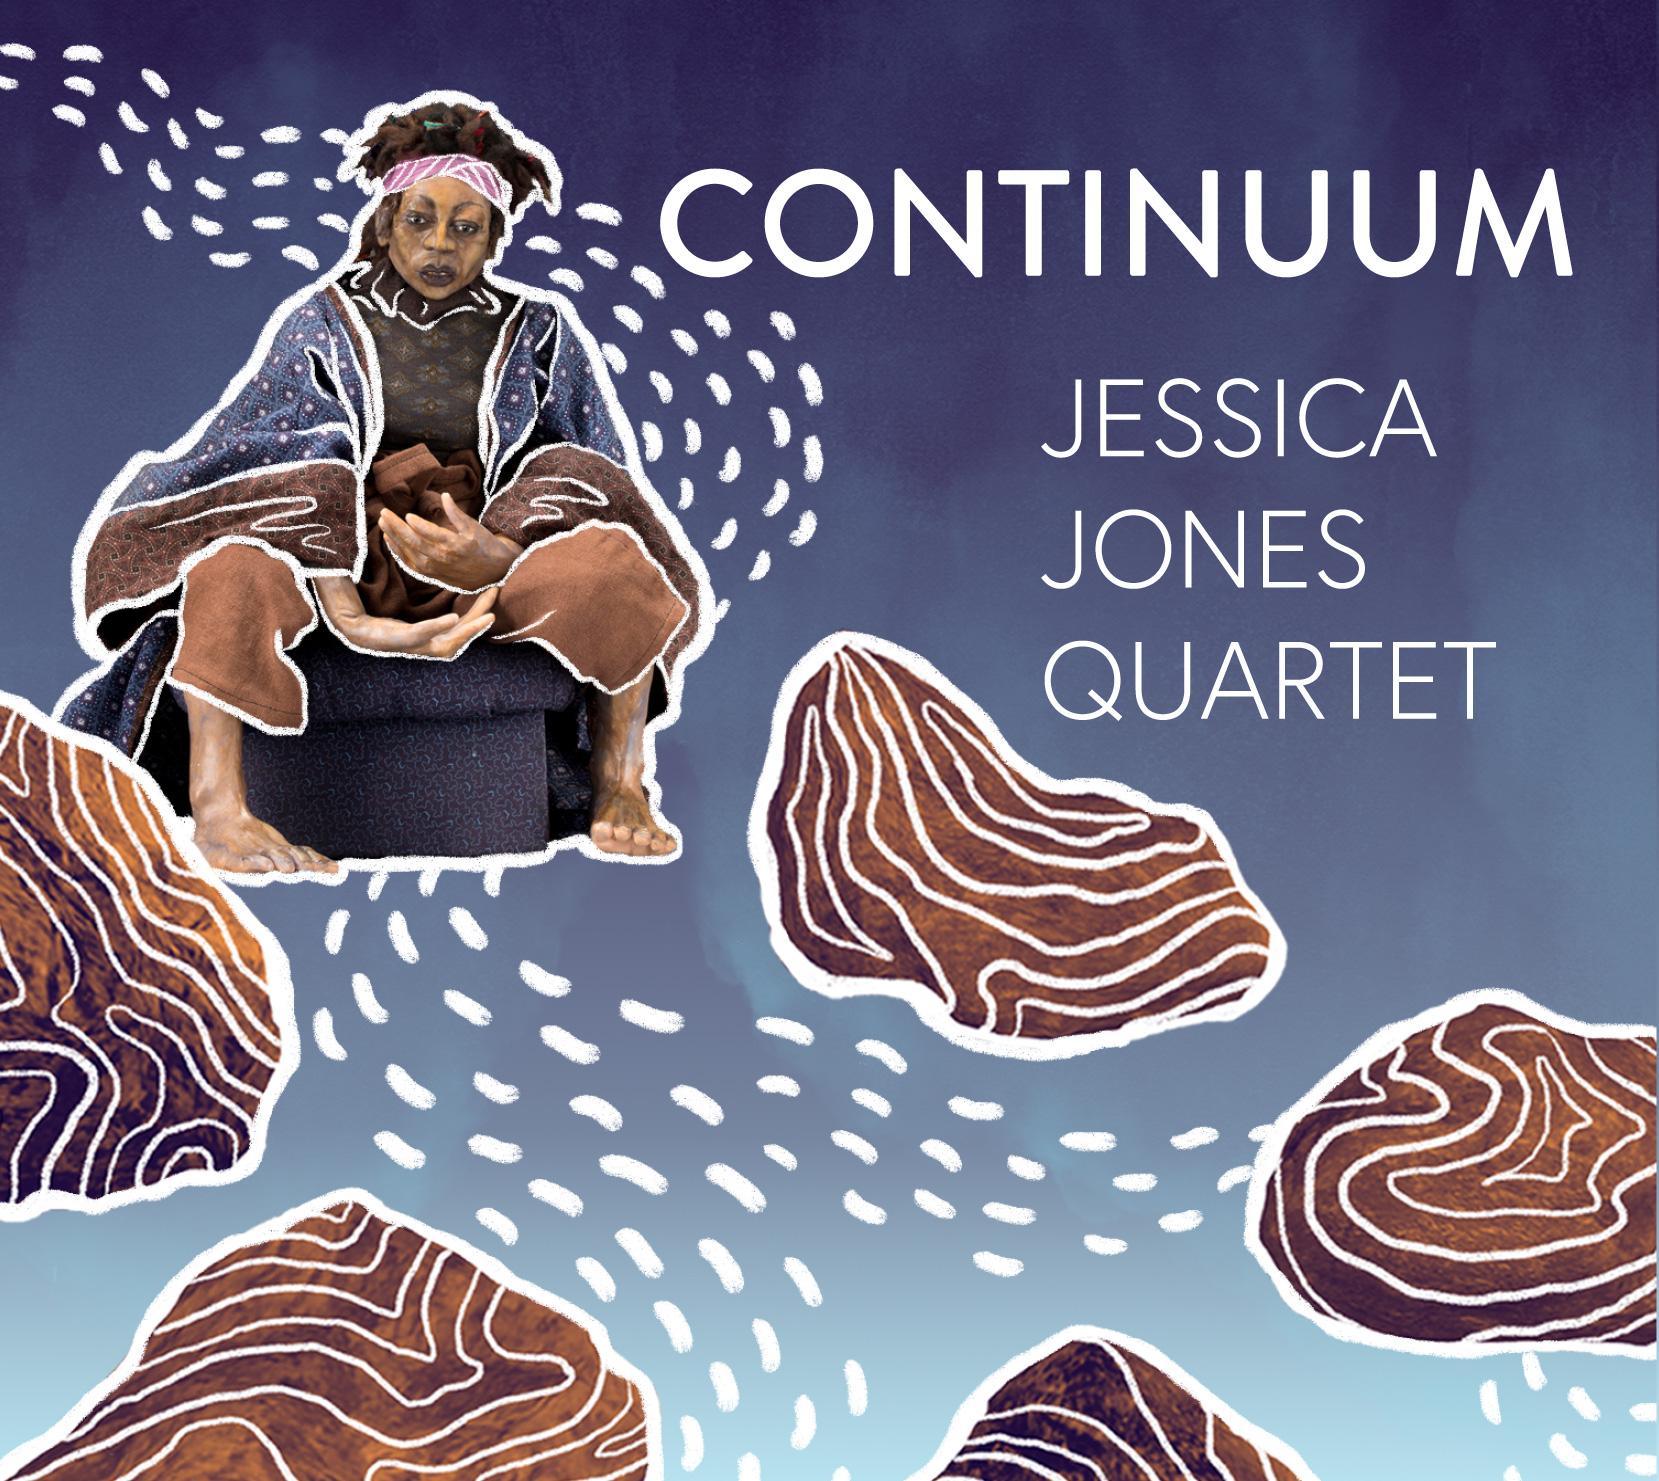 Continuum Album Art